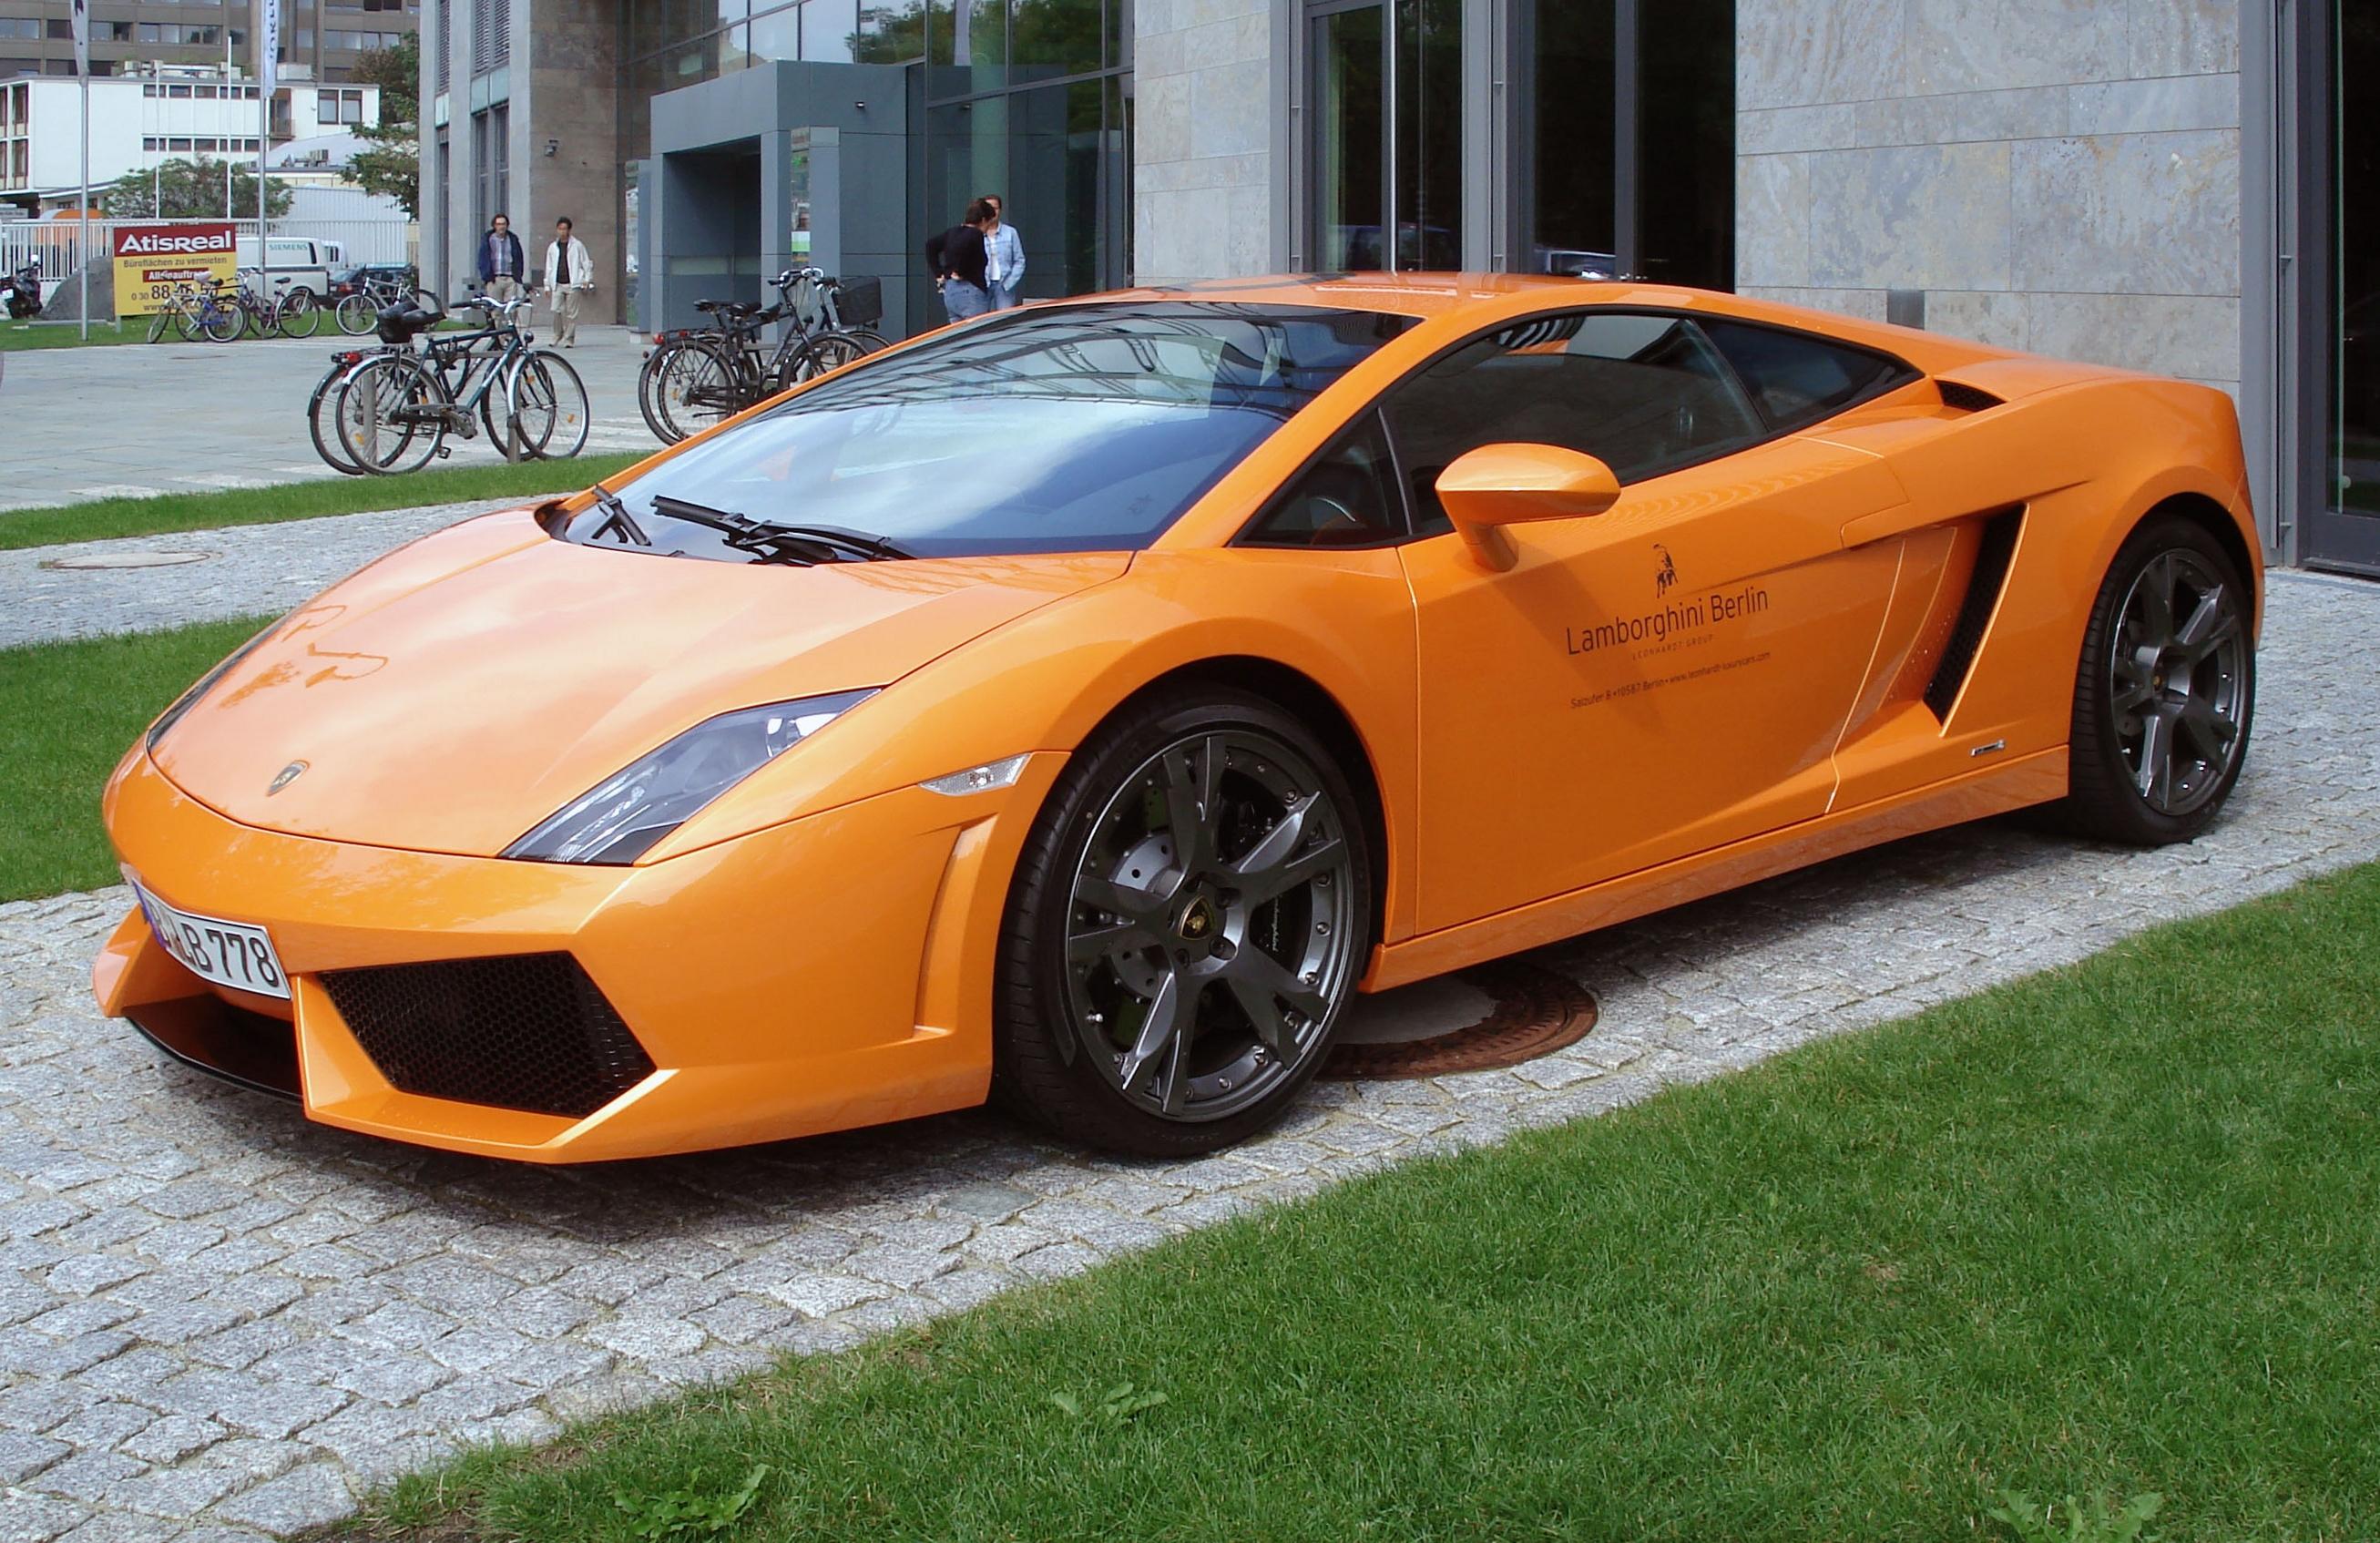 Divrei Chaim Can You Drive A Lamborghini To Olam Ha Ba